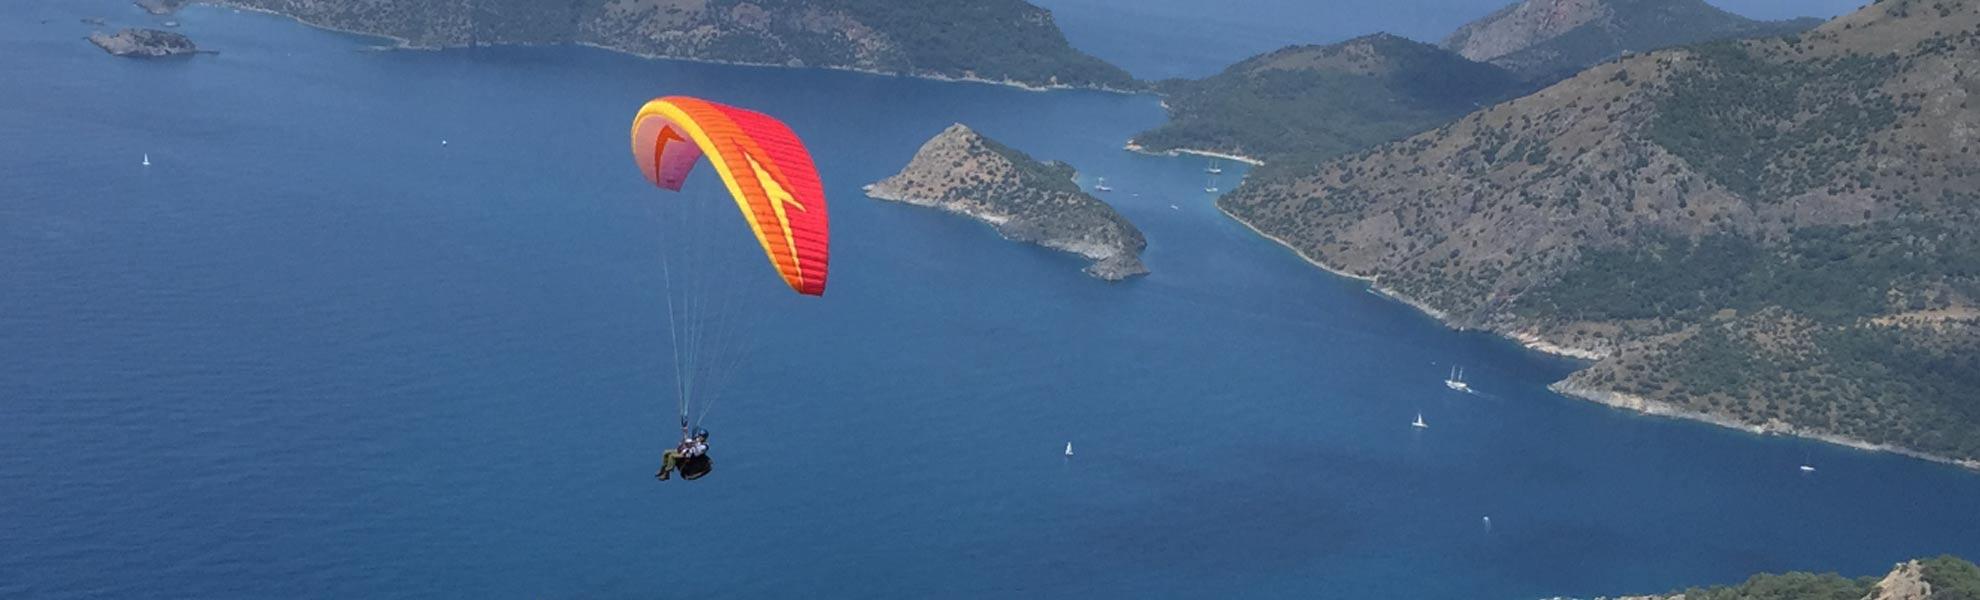 Leren paragliden Turkije